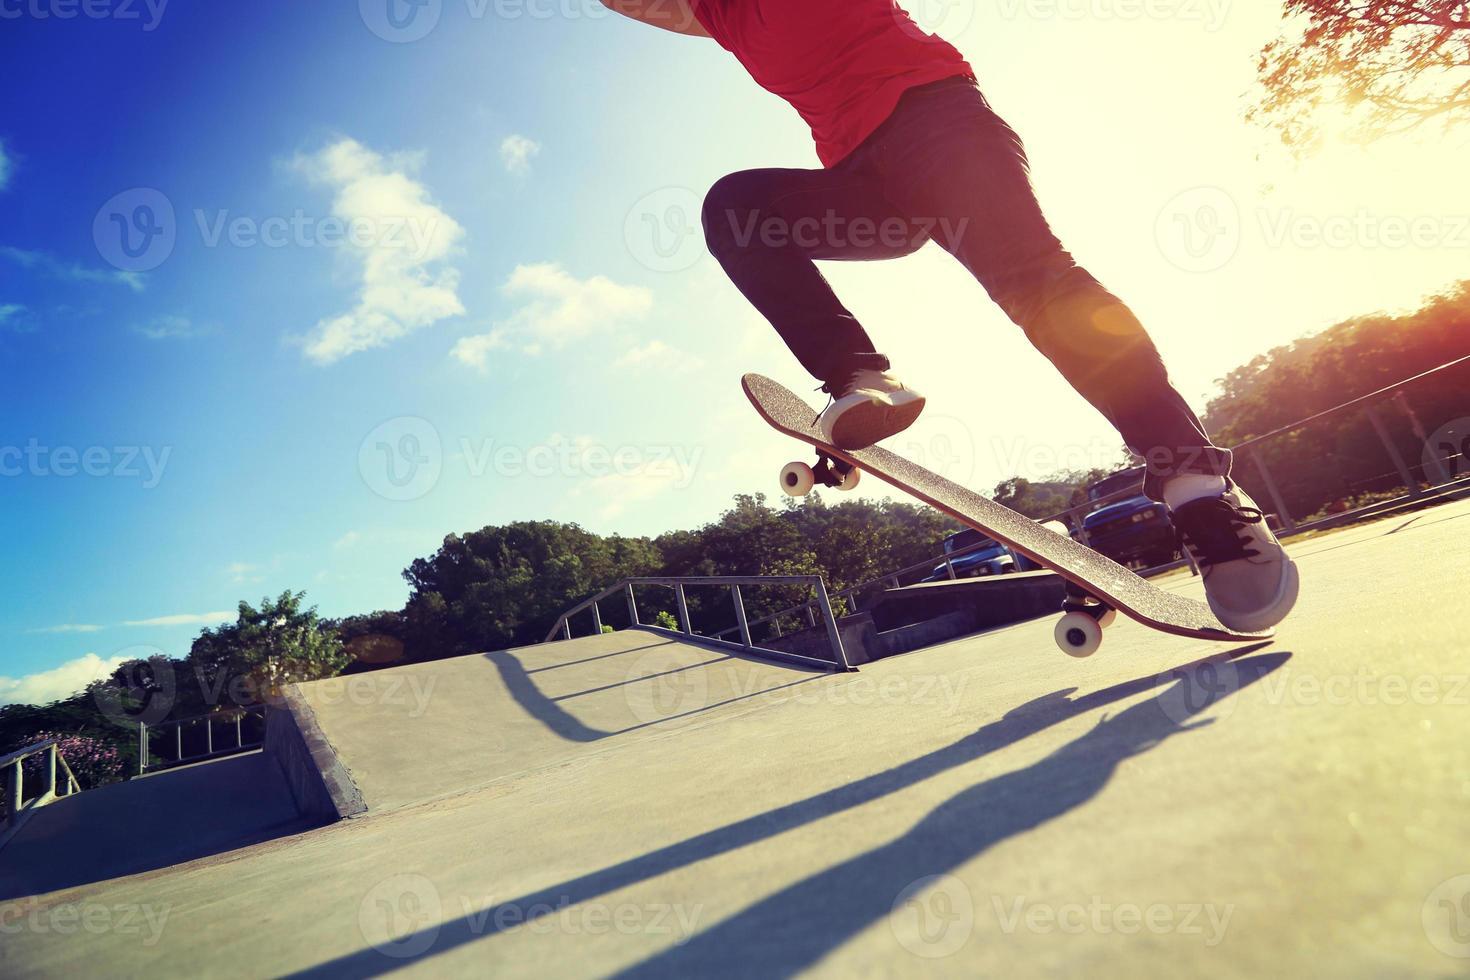 Skateboarder Beine machen einen Trick ollie im Skatepark foto